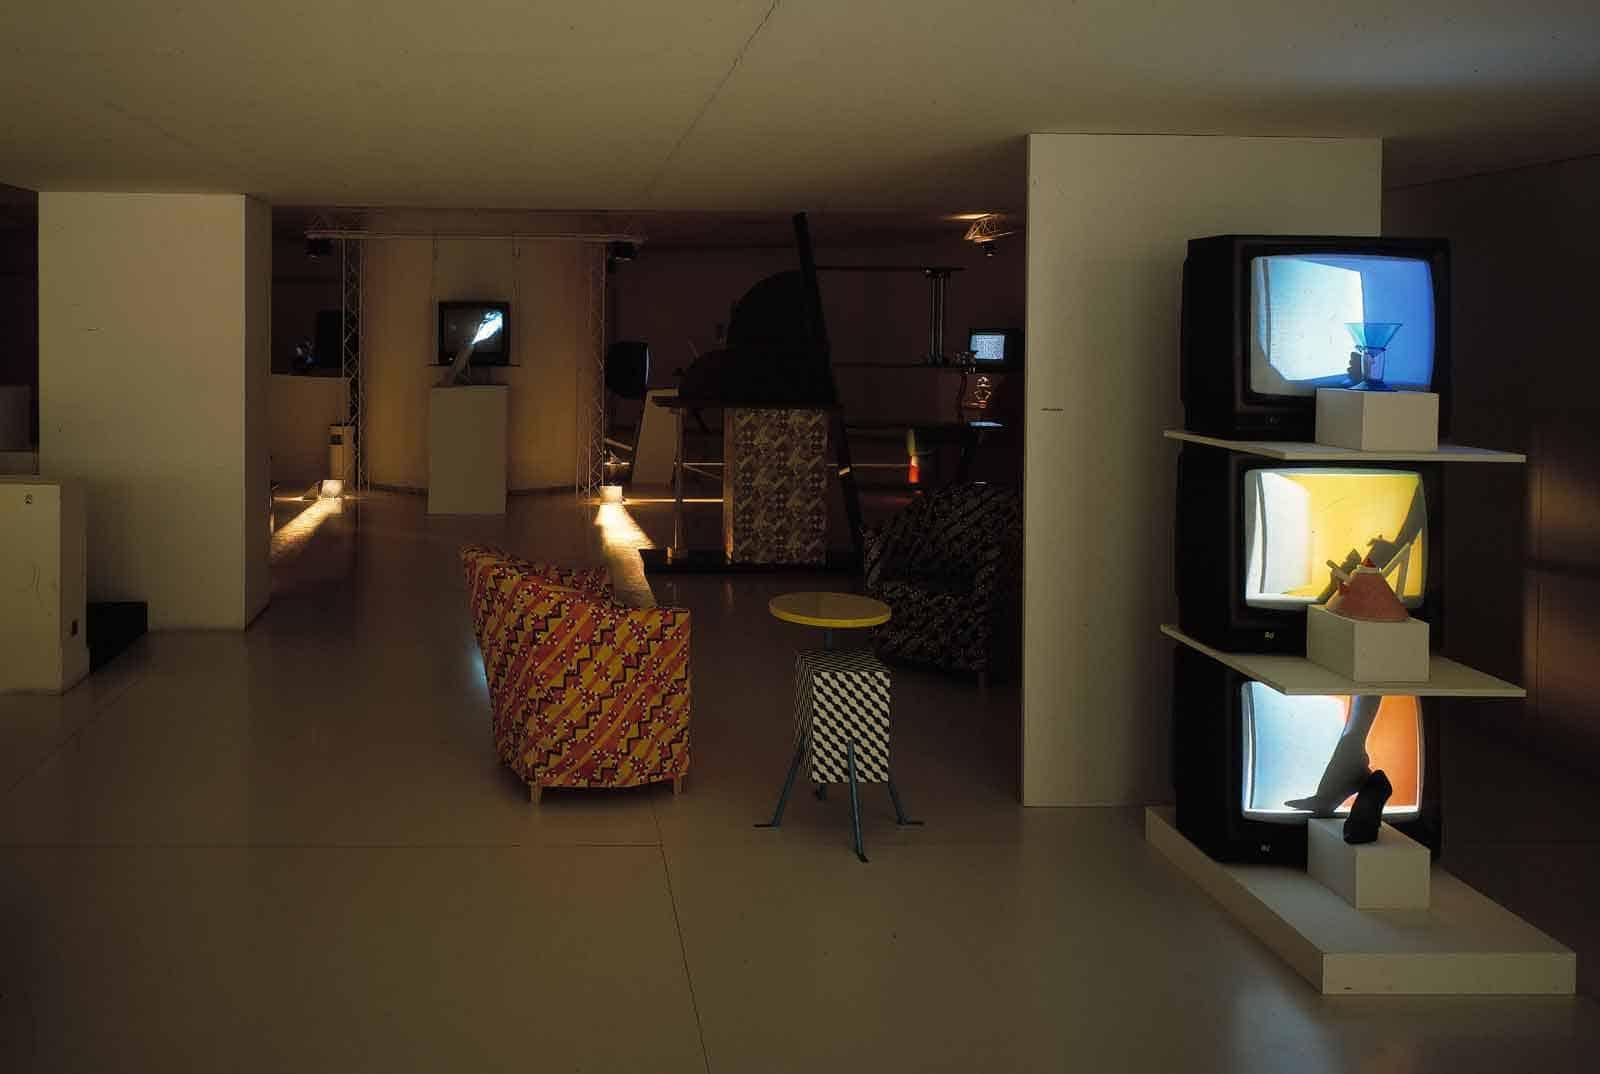 Studio Azzurro, «Luci di inganni», videoambiente, Showroom ARC-74, Milano, 1982. Archivio Studio Azzurro.